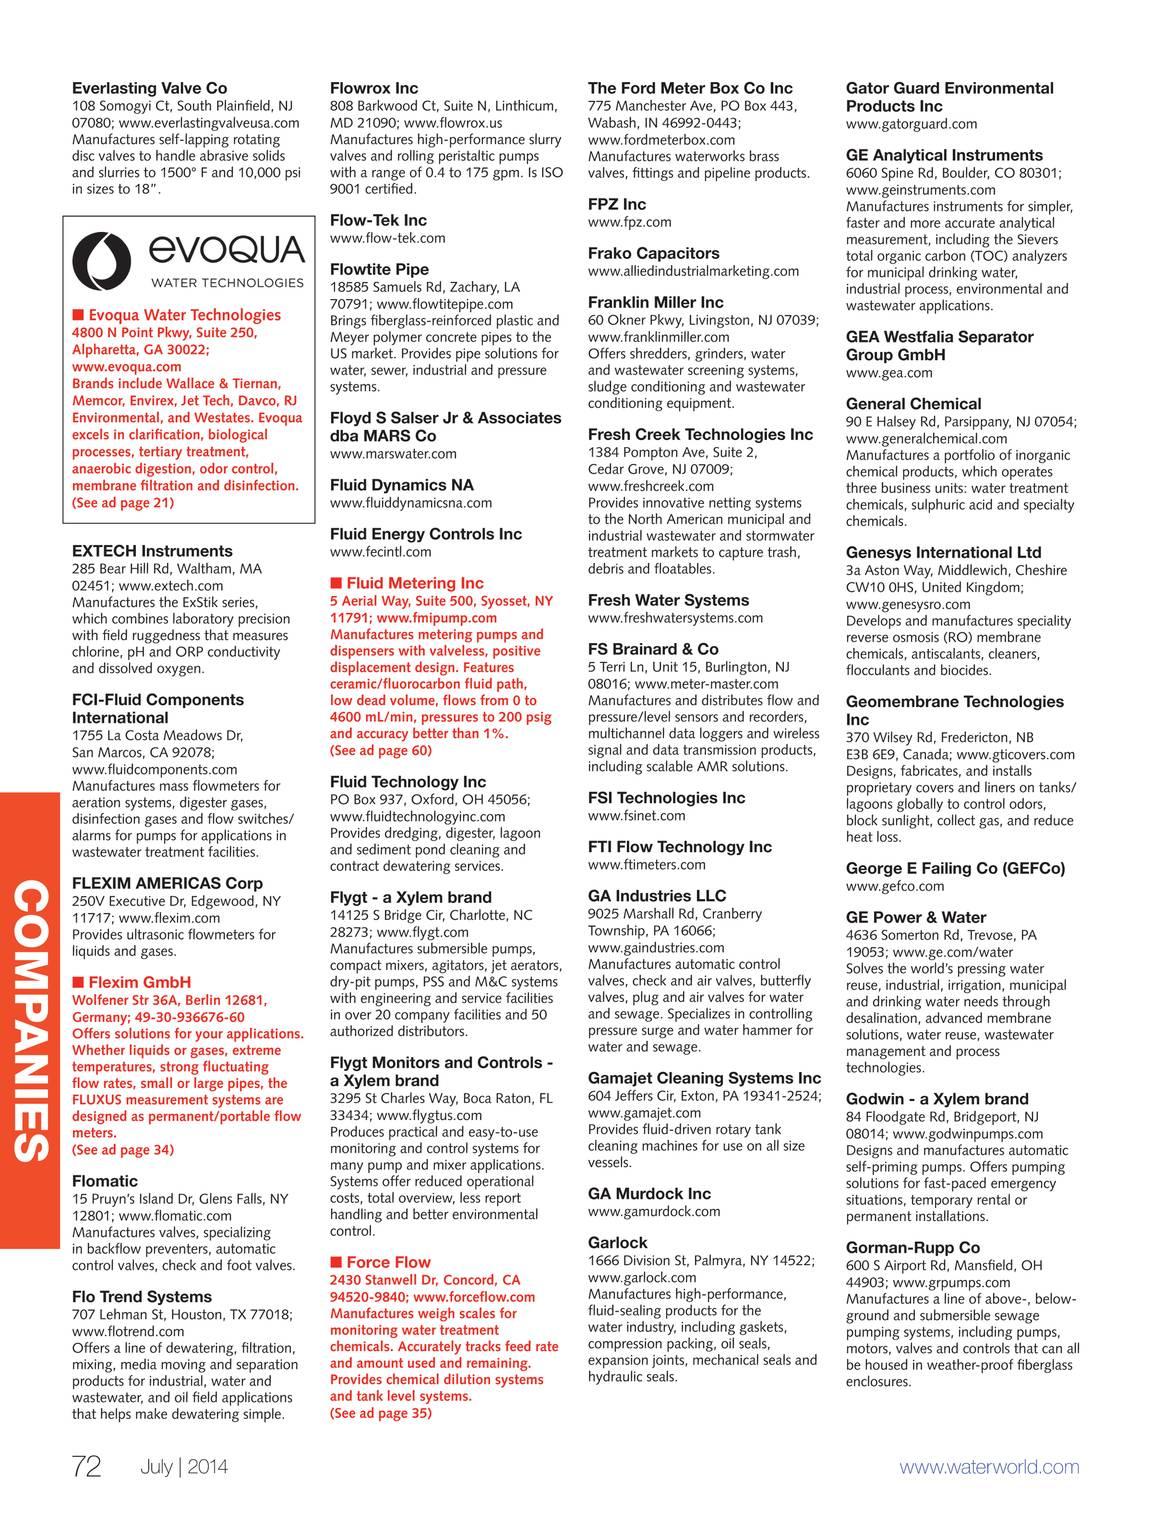 WaterWorld - July 2014 - page 73